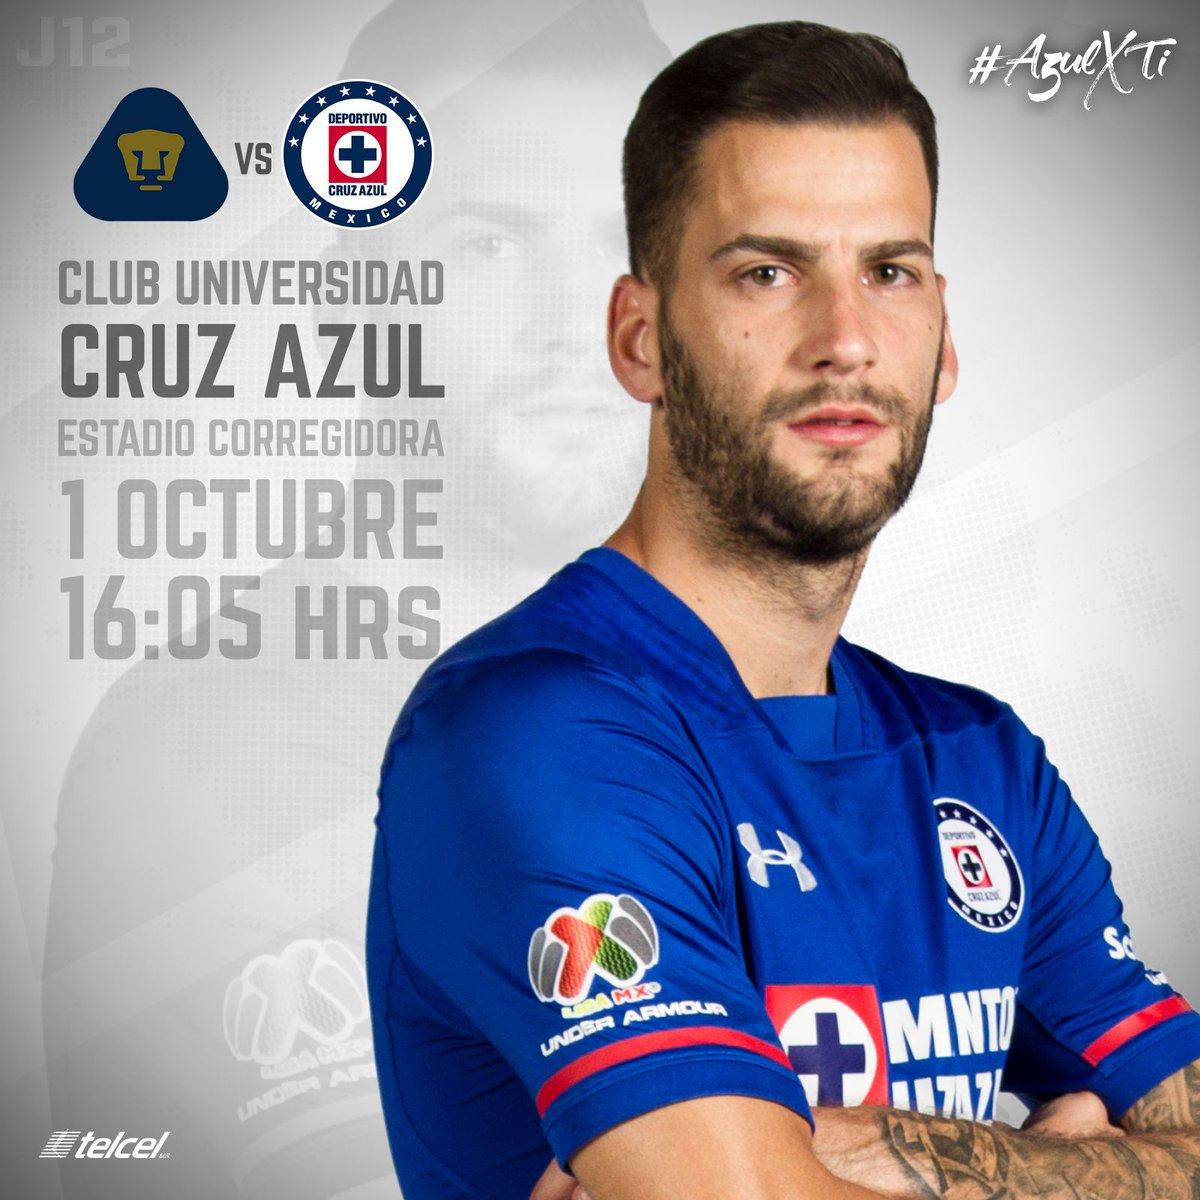 El estadio Corregidora será la sede del duelo entre Pumas y Cruz Azul